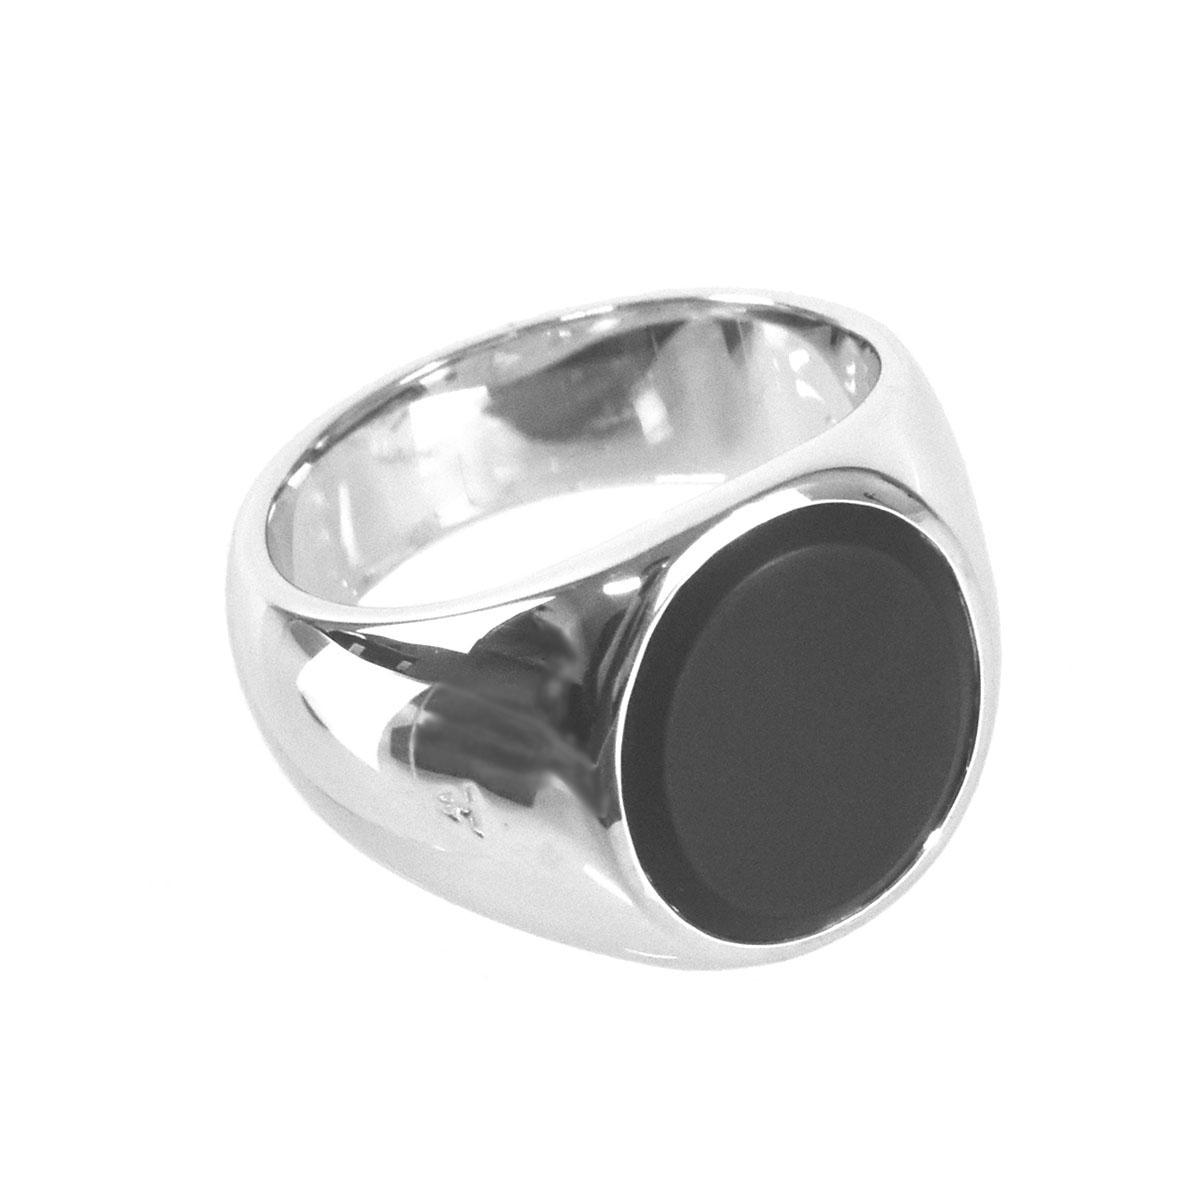 送料無料 あす楽対応 トムウッド TOM WOOD リング 指輪 メンズ シルバー ブラックオニキス BLACK ONYX R74IEMBO01S925 天然石 OVAL ジュエリー シルバー925 アクセサリー ブラック 直輸入品激安 M 未使用品